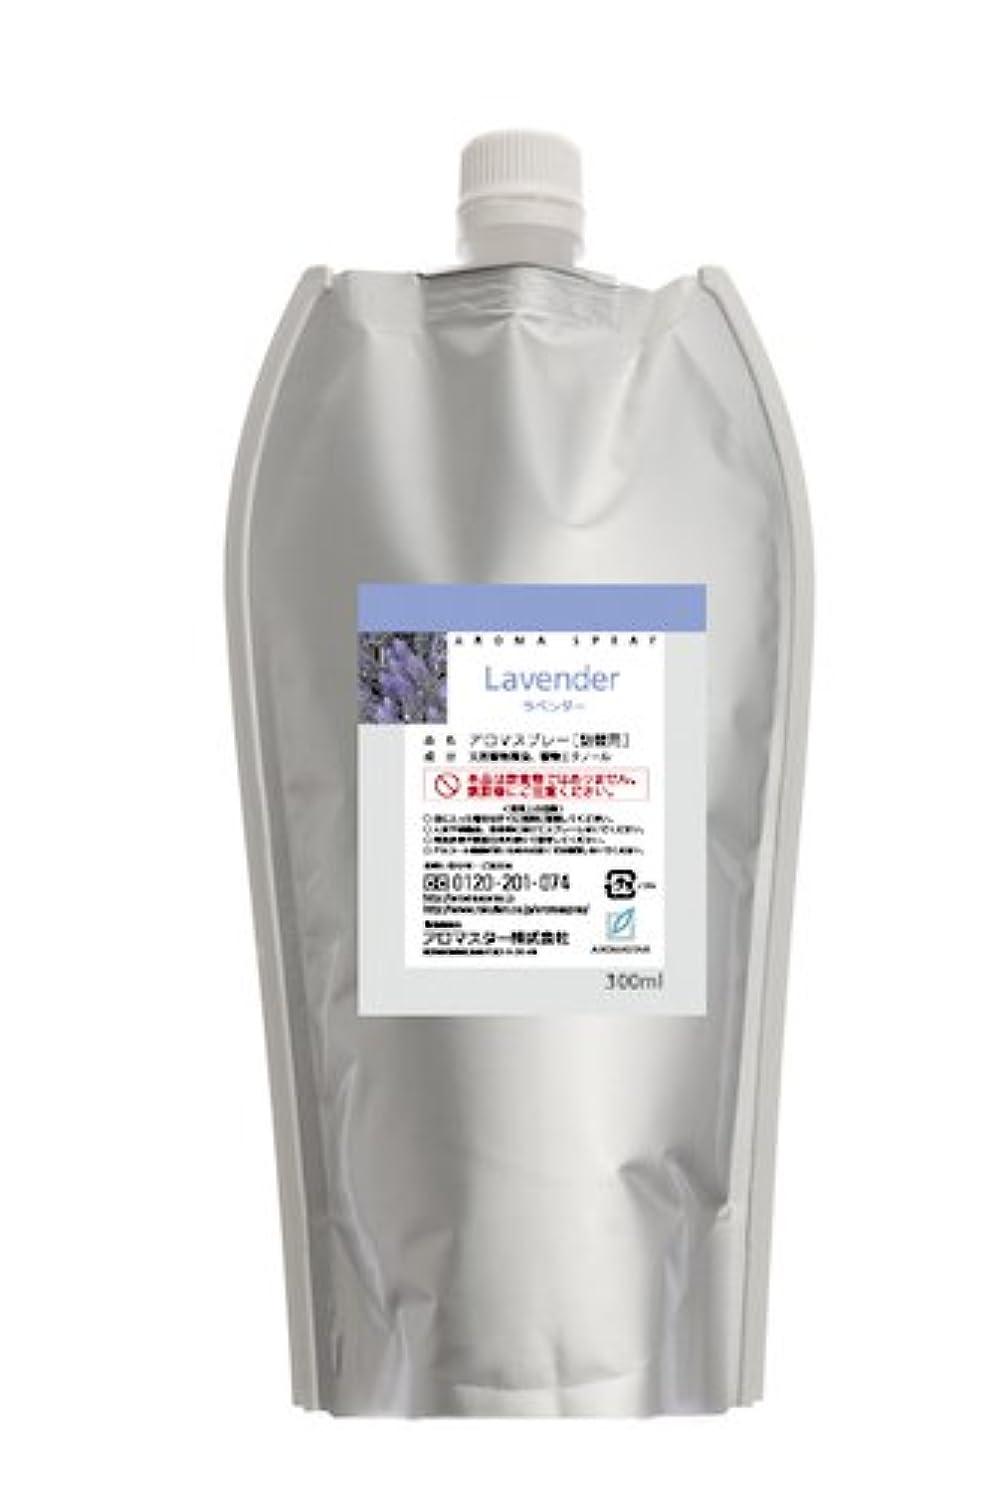 不道徳手数料睡眠AROMASTAR(アロマスター) アロマスプレー ラベンダー 300ml詰替用(エコパック)